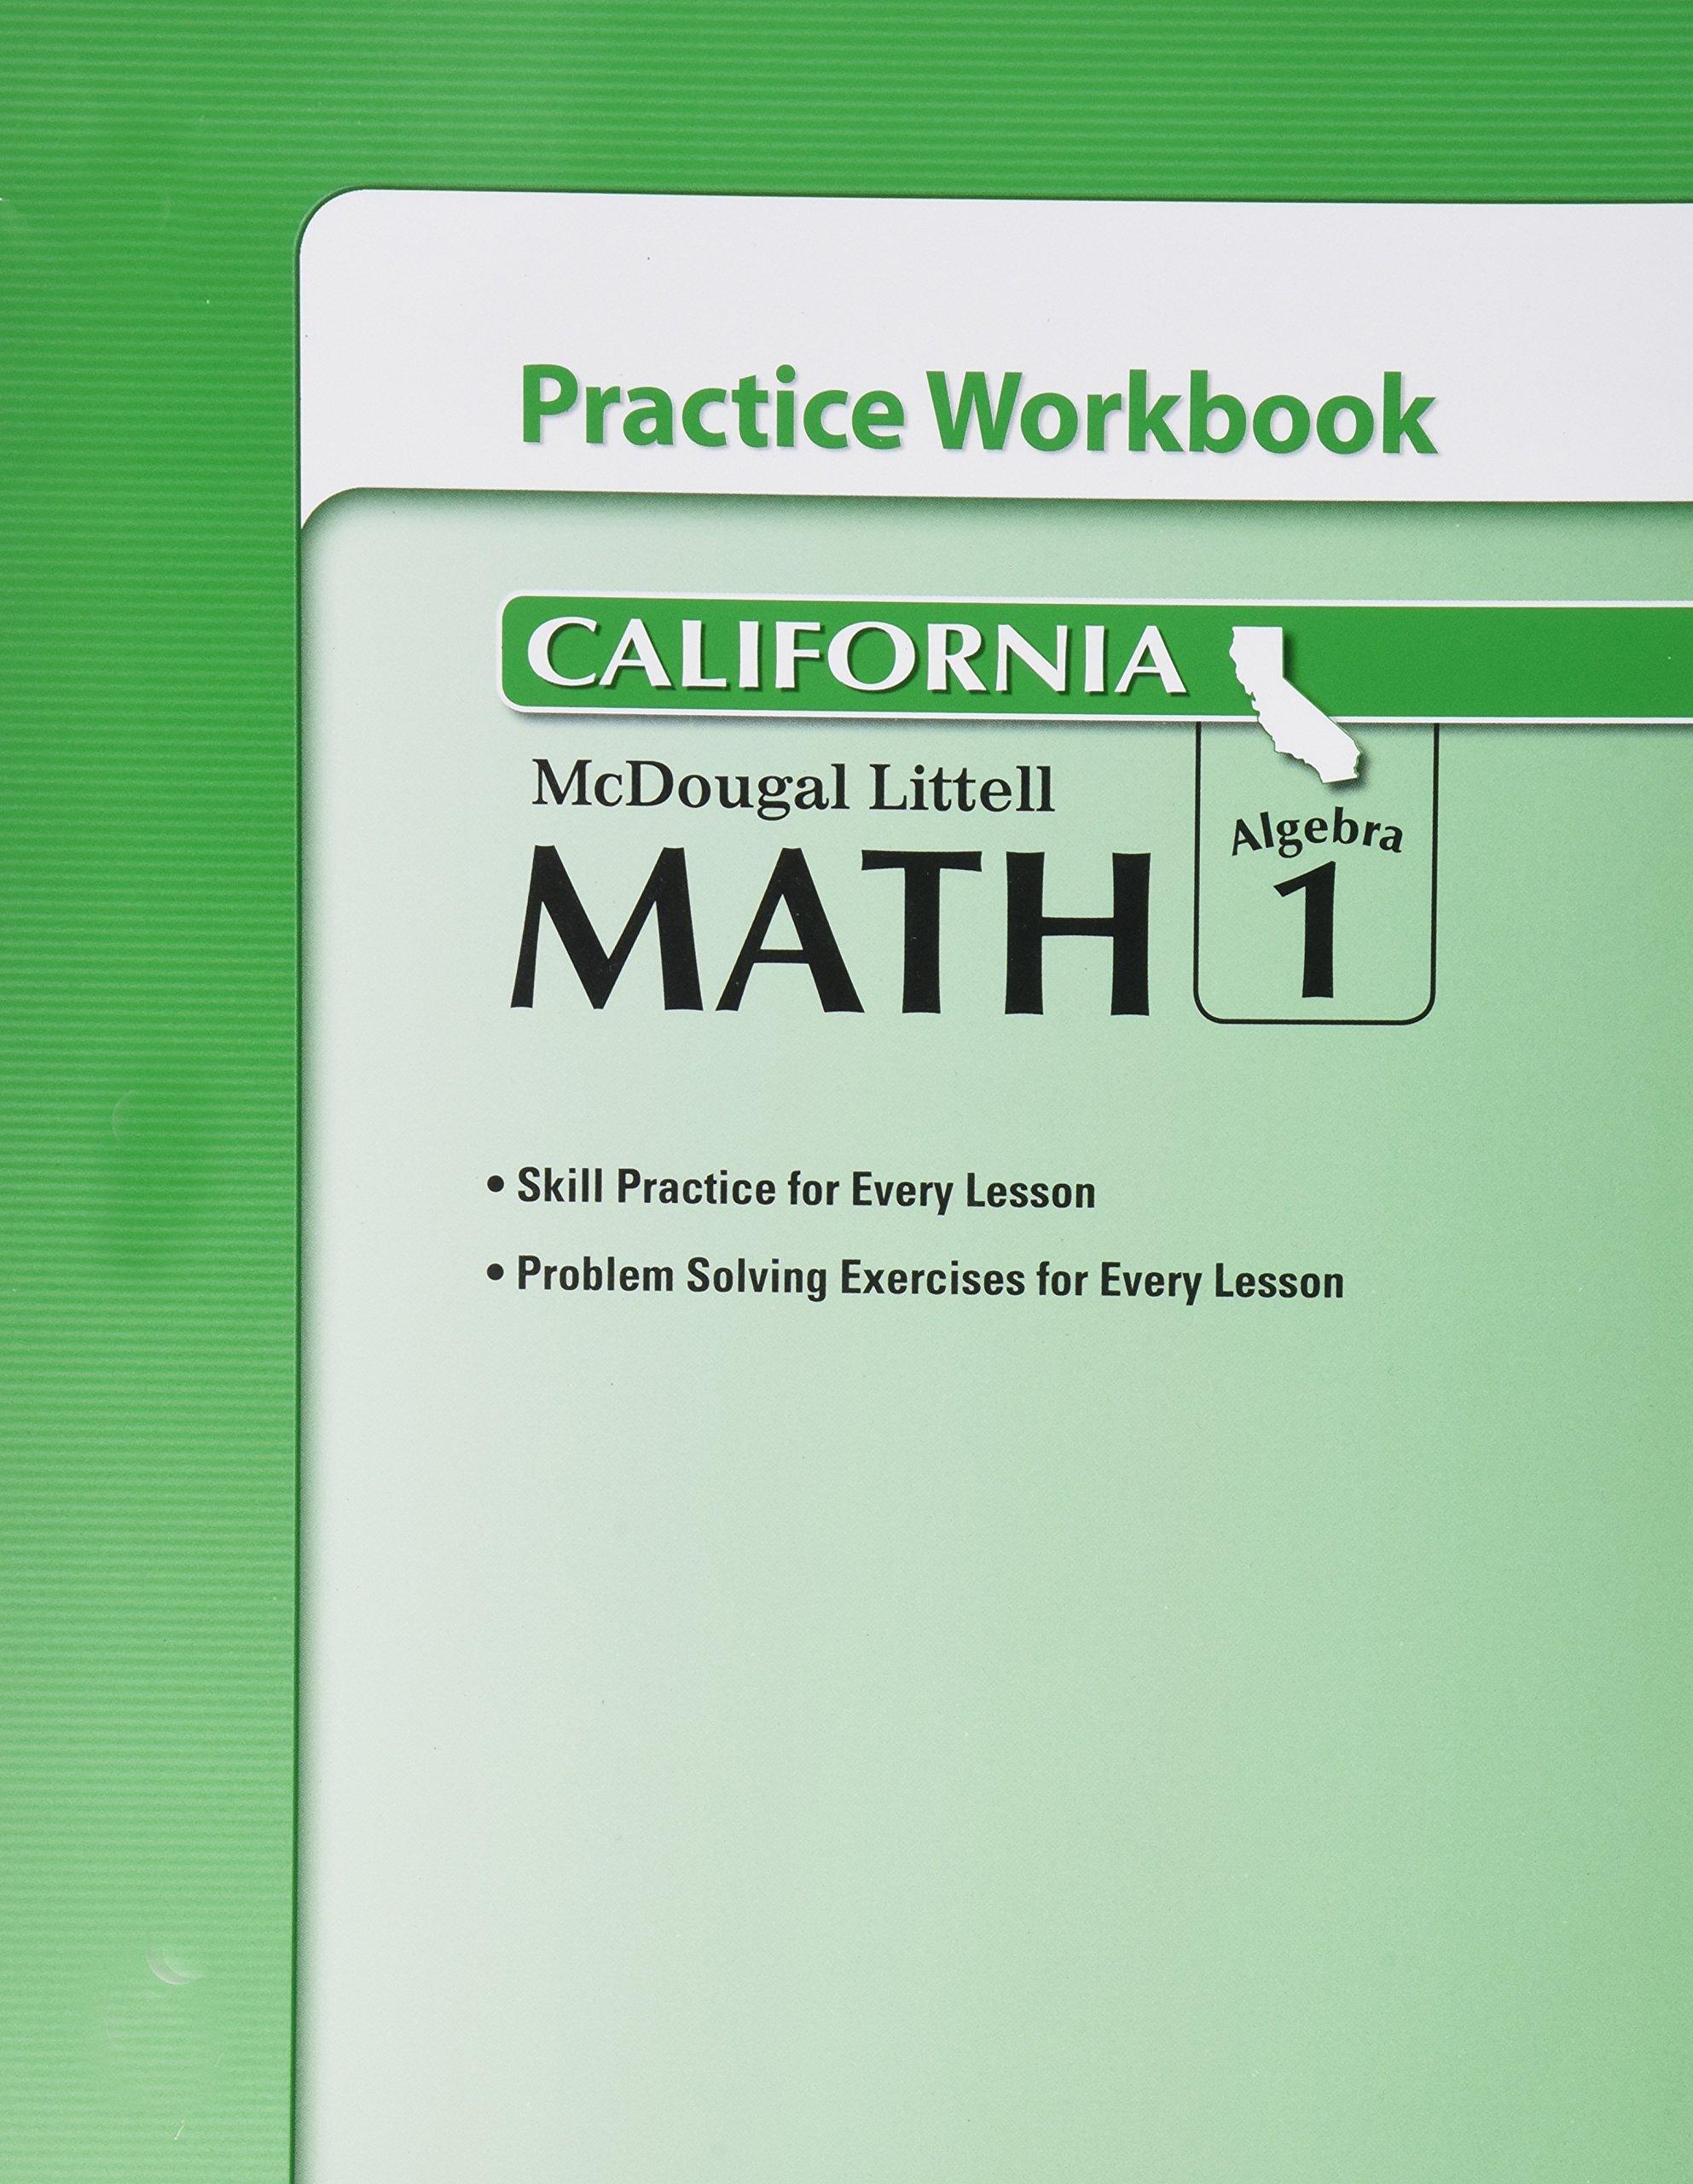 California algebra 1 practice workbook fandeluxe Image collections